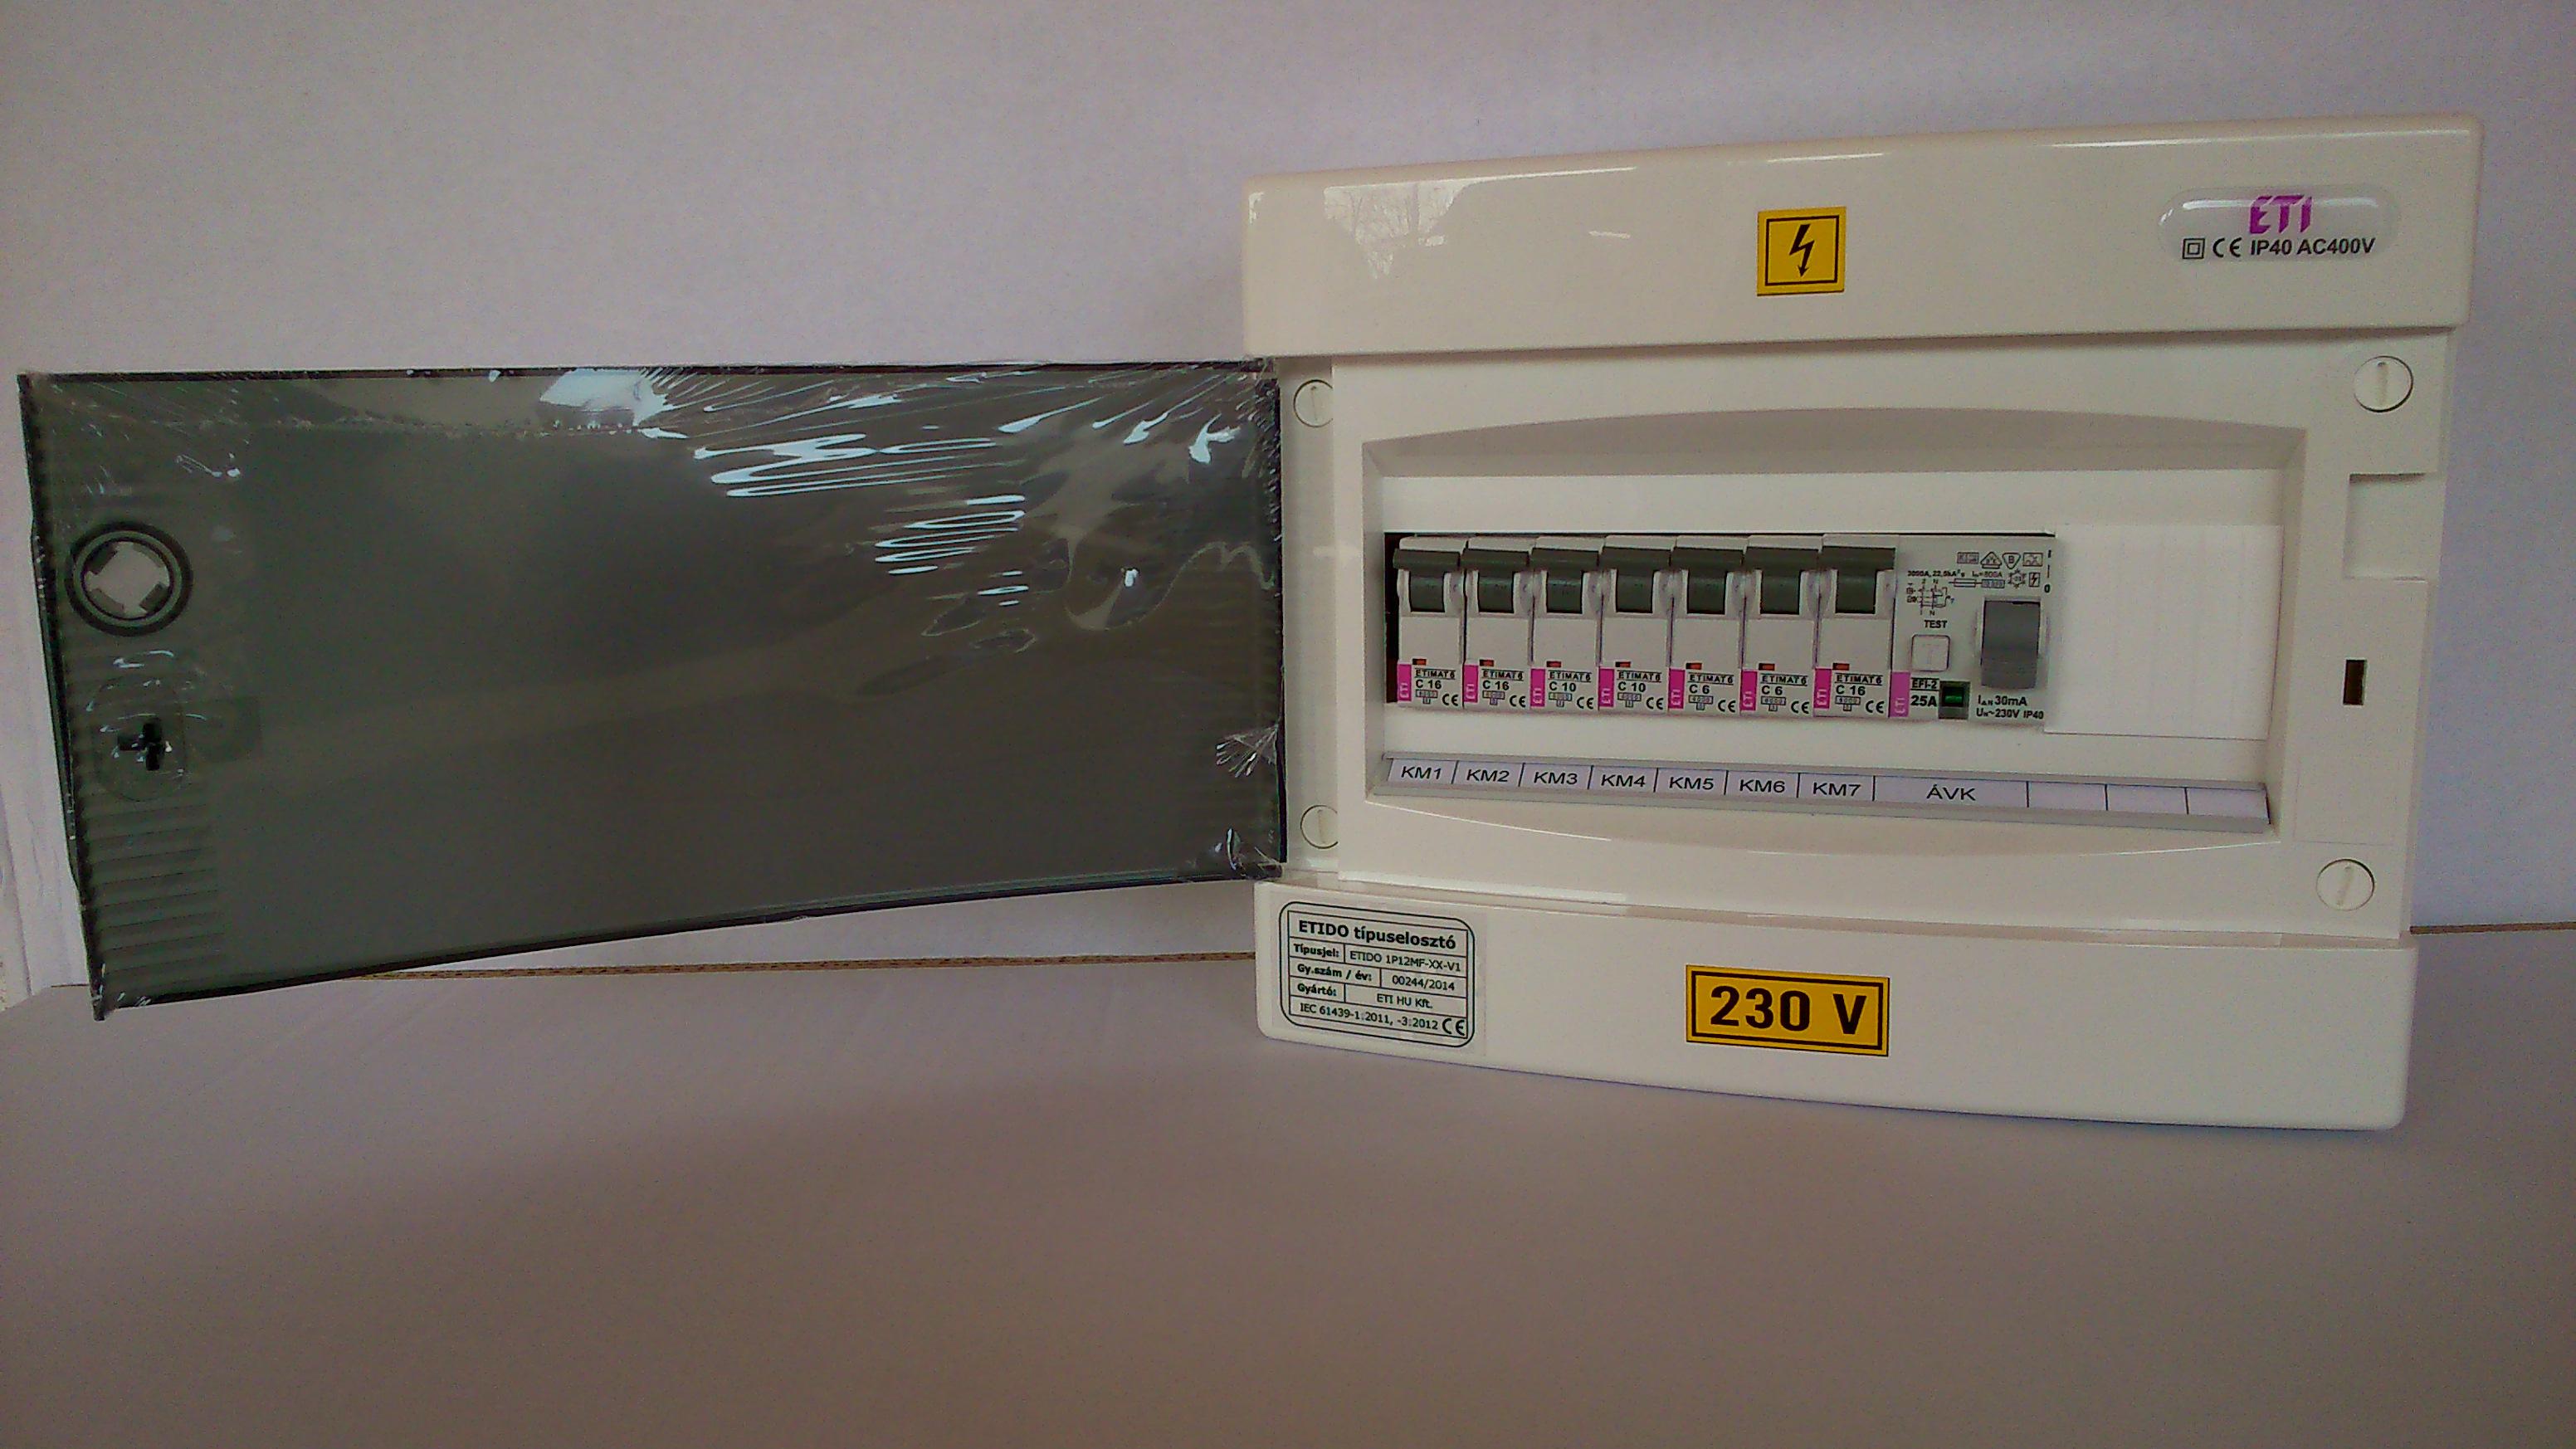 7db kisautomatát és 1 db áramvédő-kapcsoló tartalmató ETIDO lakáselosztó minőségi tanúsítvánnyal